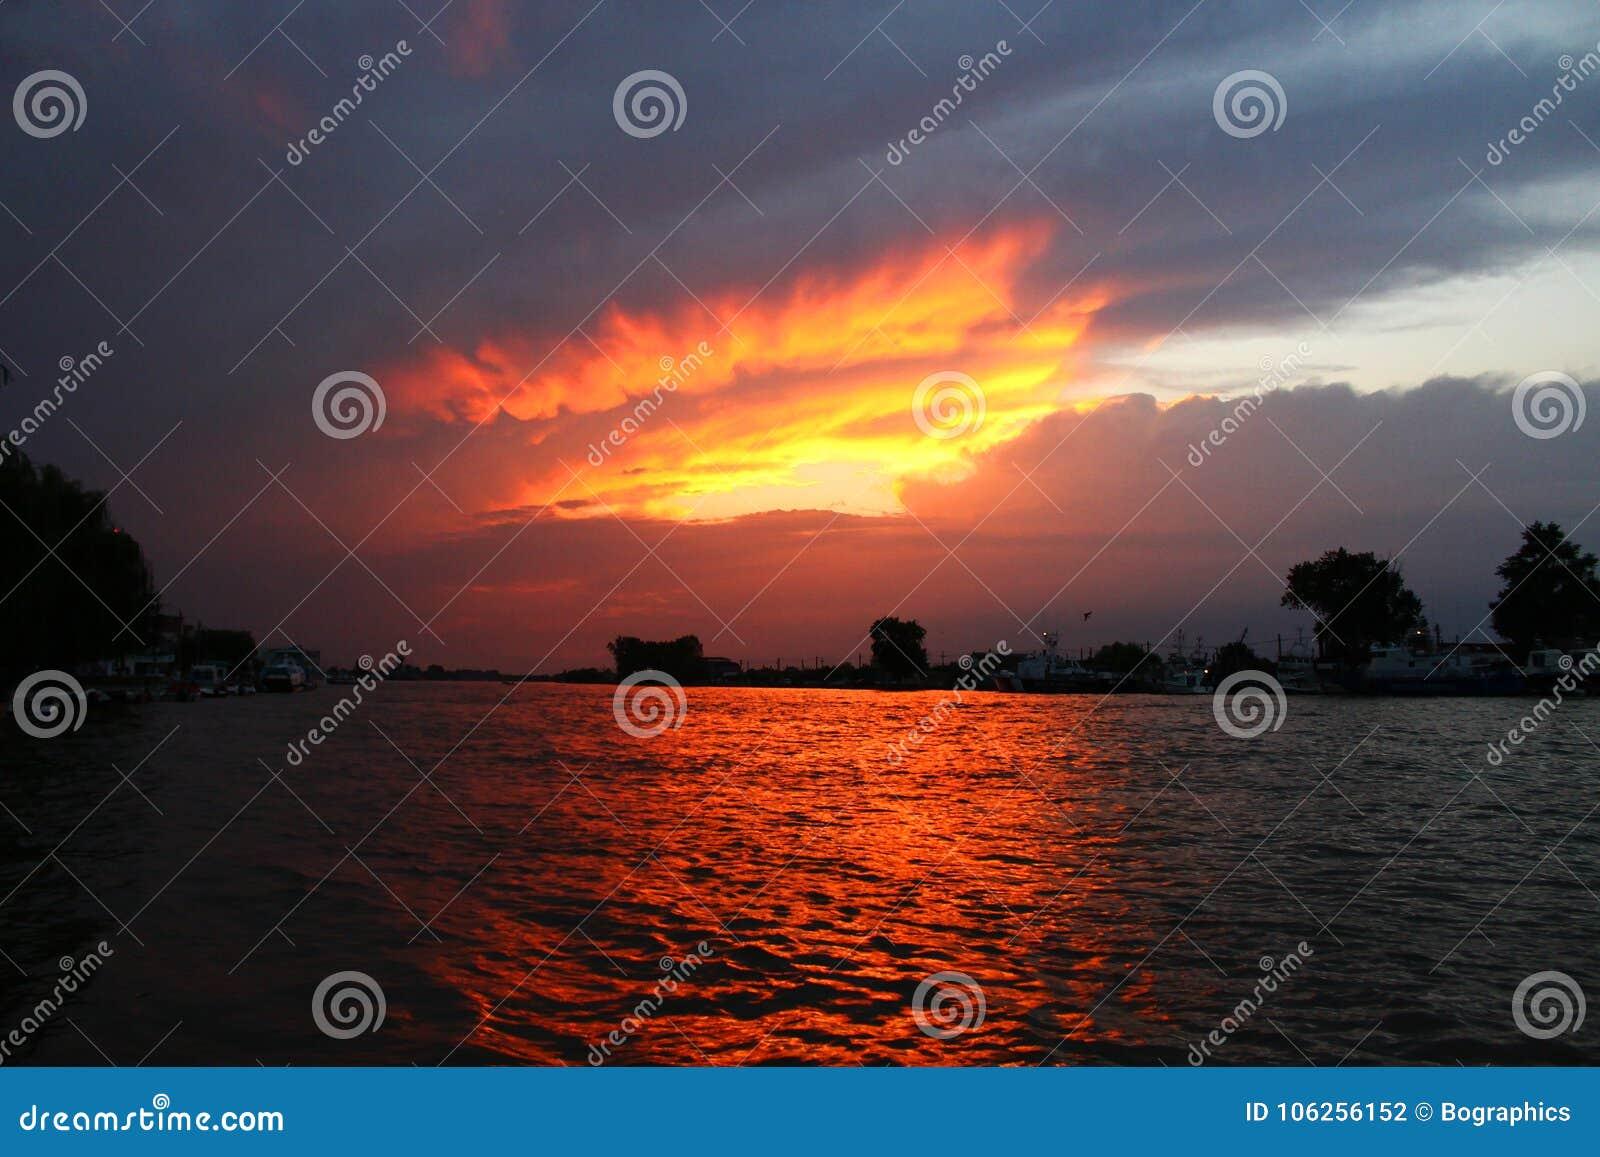 Fantastisk orange solnedgång mellan moln över vatten